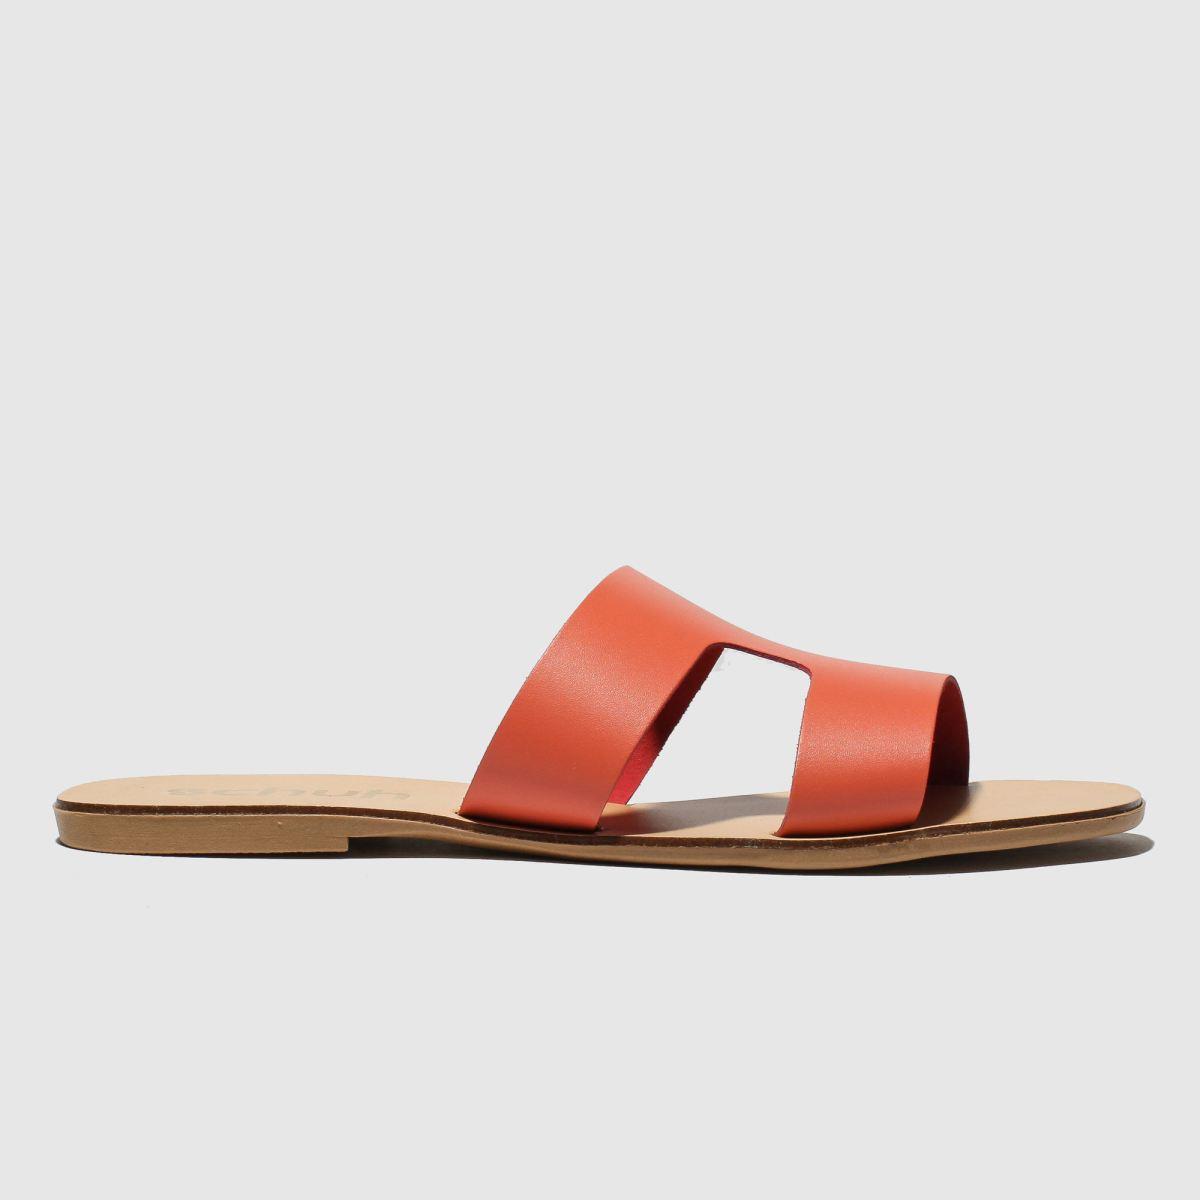 0cd7df769c19a Schuh Peach Mallorca Sandals